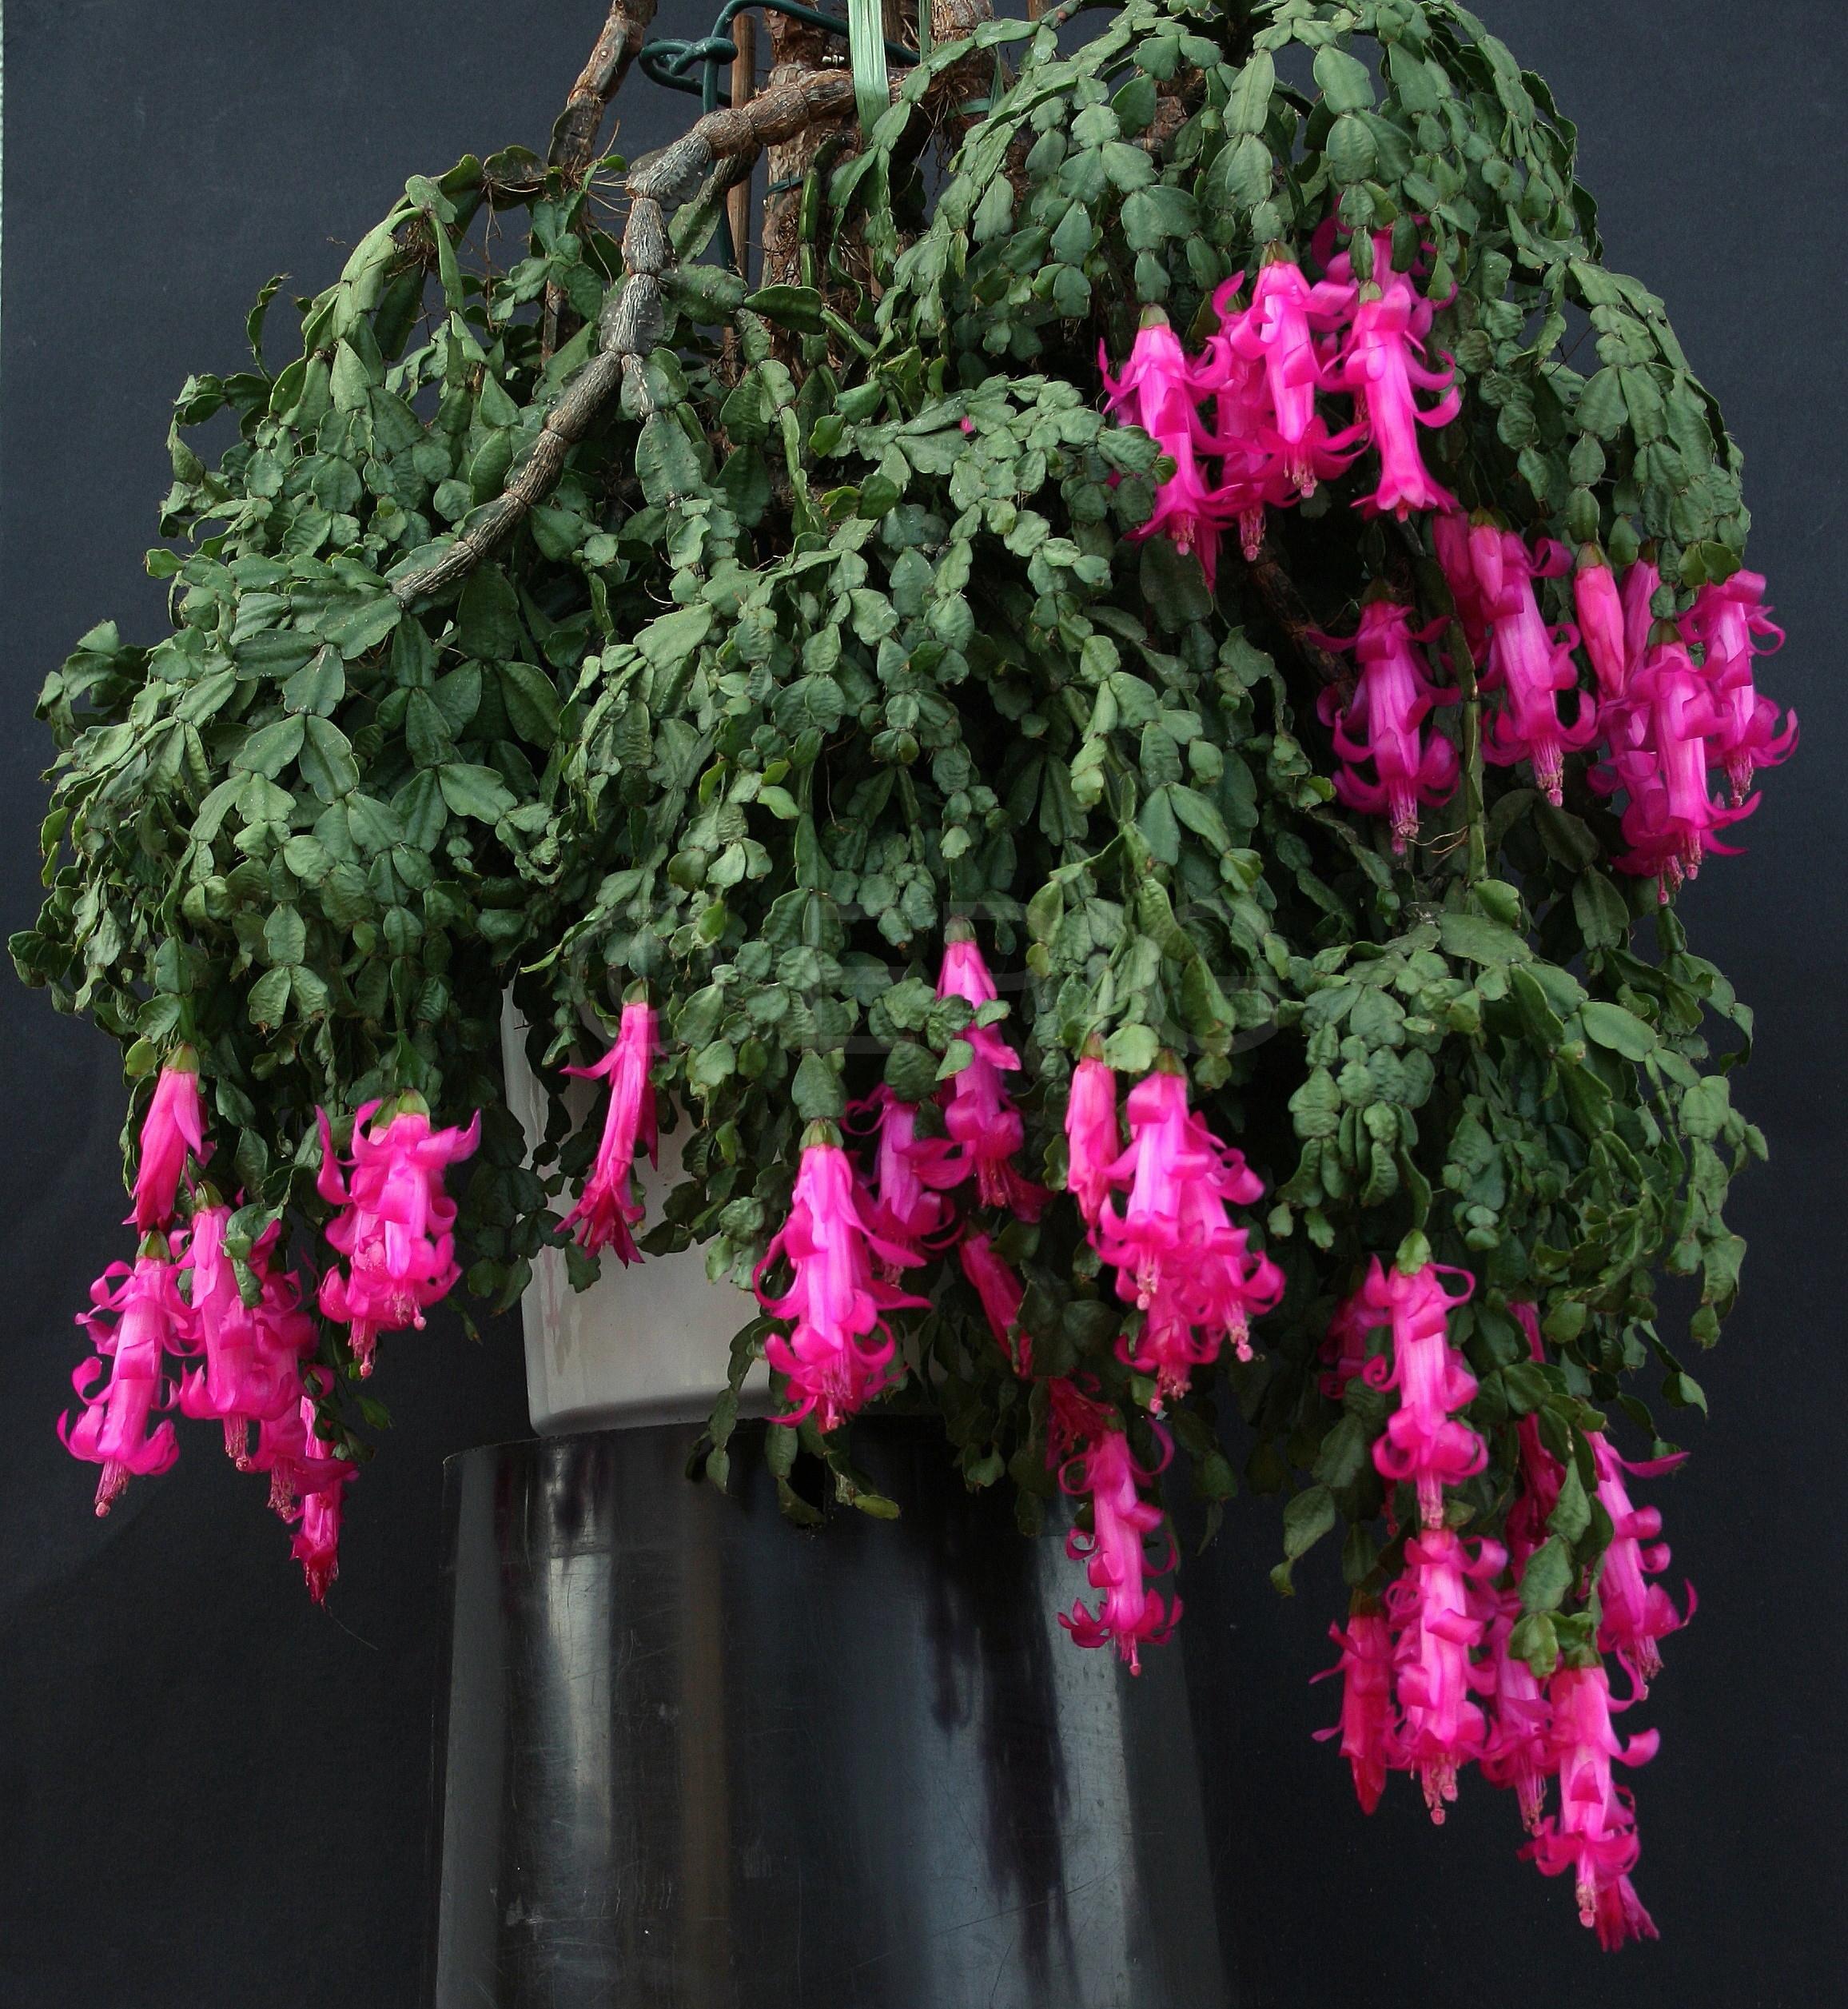 Schlumbergera russelliana 'Ashfield' (Foto Jochen Bockemühl)